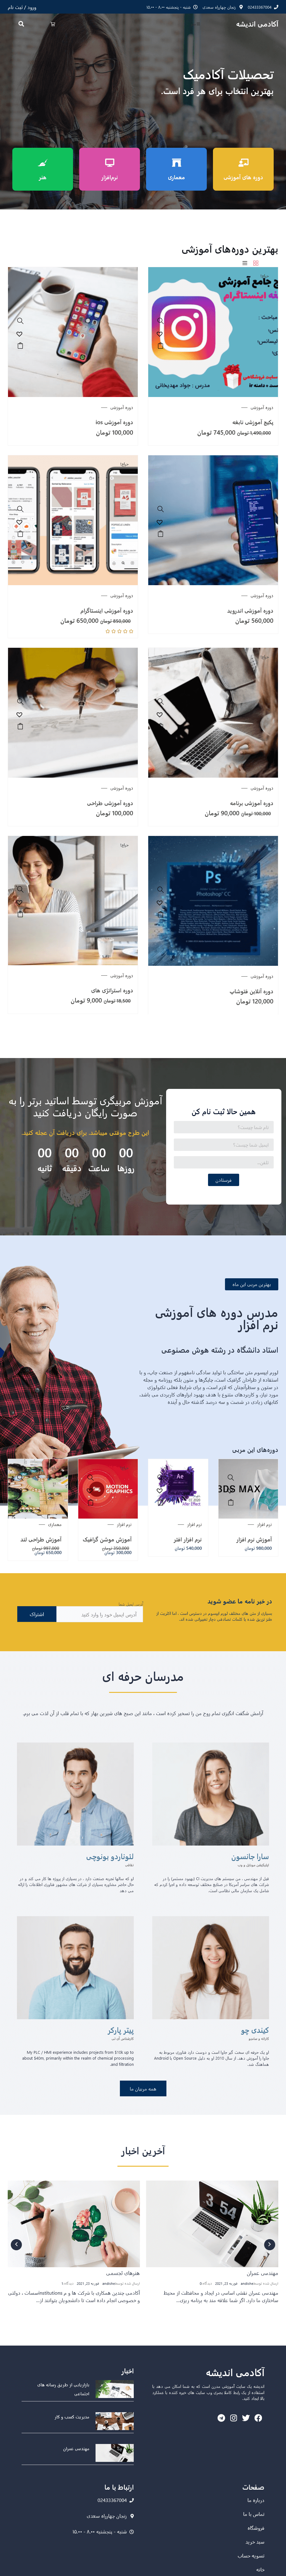 حالت تبلت سایت آموزشی اندیشه